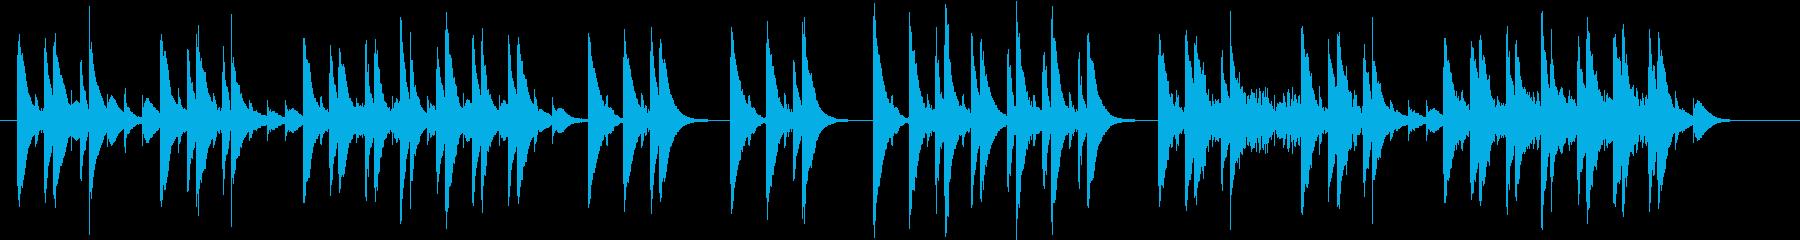 木琴のみの音色で作ったコミカルな短めの曲の再生済みの波形